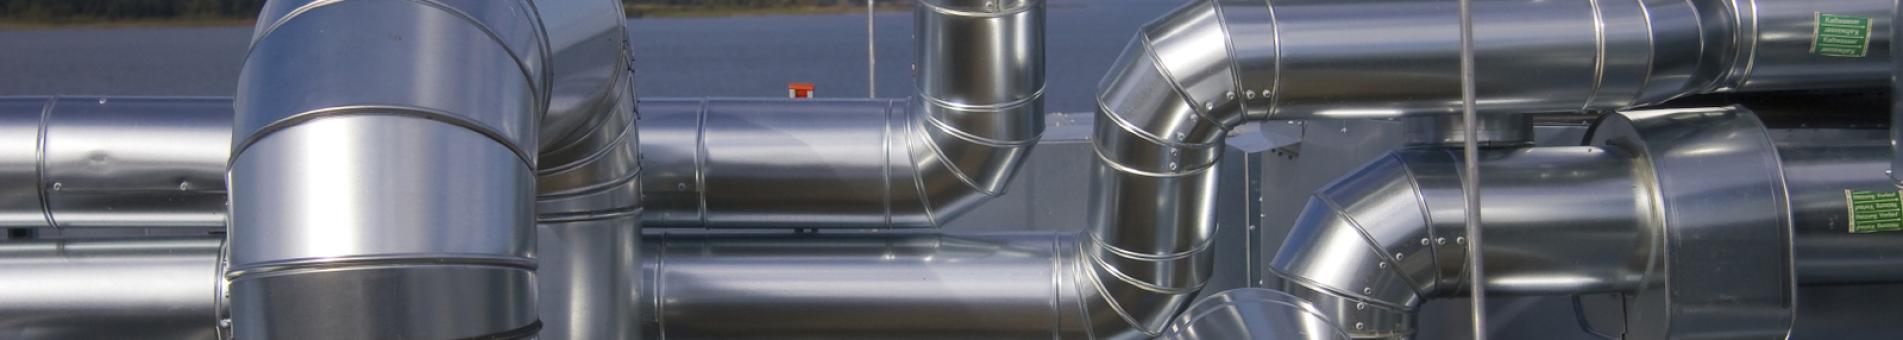 Luftrohre auf einem Industriedach.